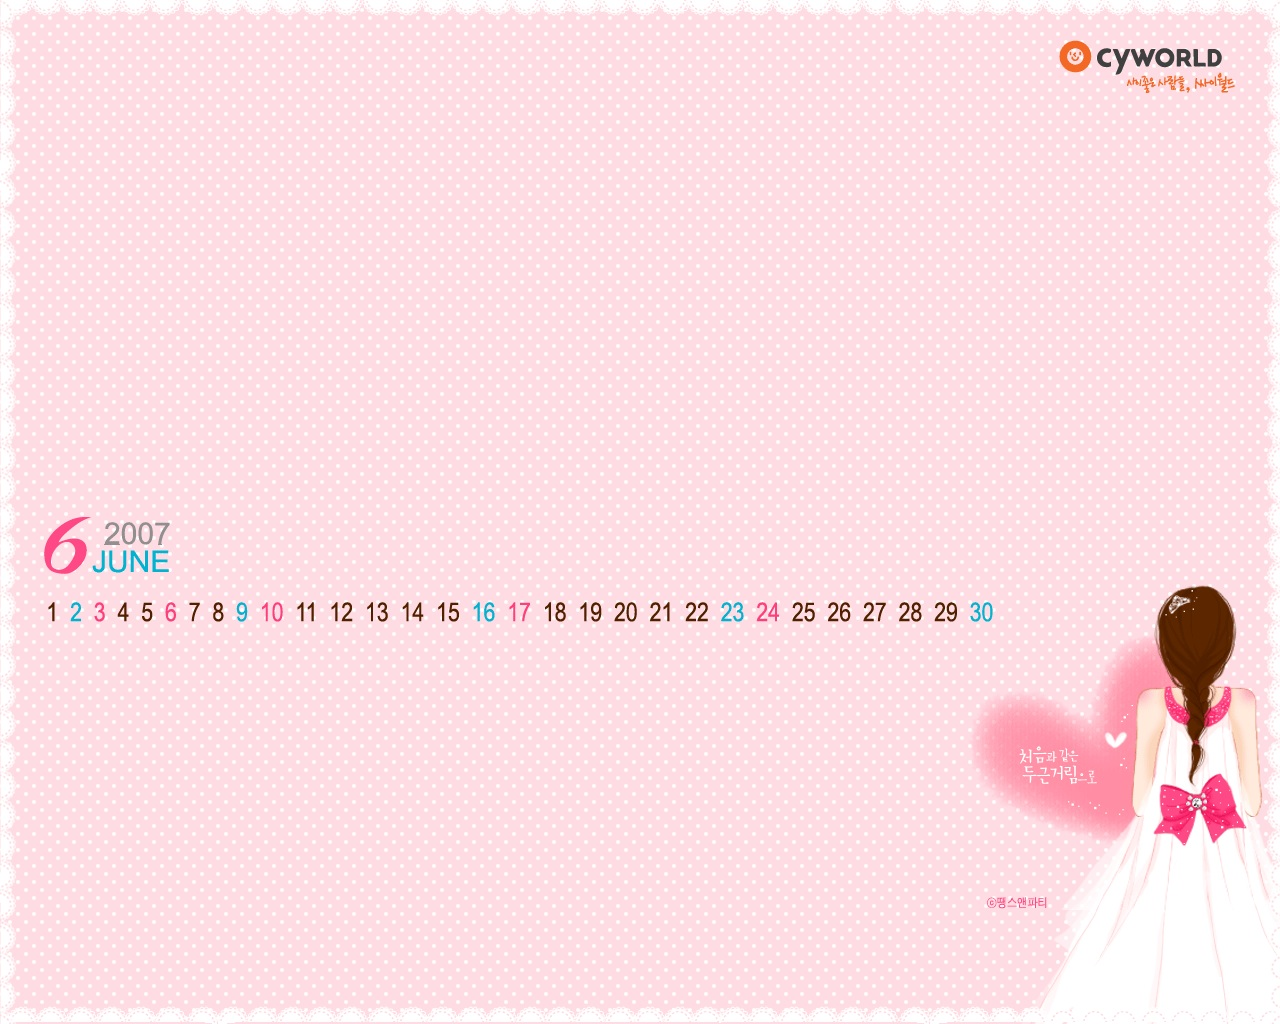 http://2.bp.blogspot.com/_kYBAR9GGWFQ/TGu5DOFUpjI/AAAAAAAAAsg/QjFDPTv9Nos/s1600/%5Bwallcoo_com%5D_2007_June_calender_thanks.jpg